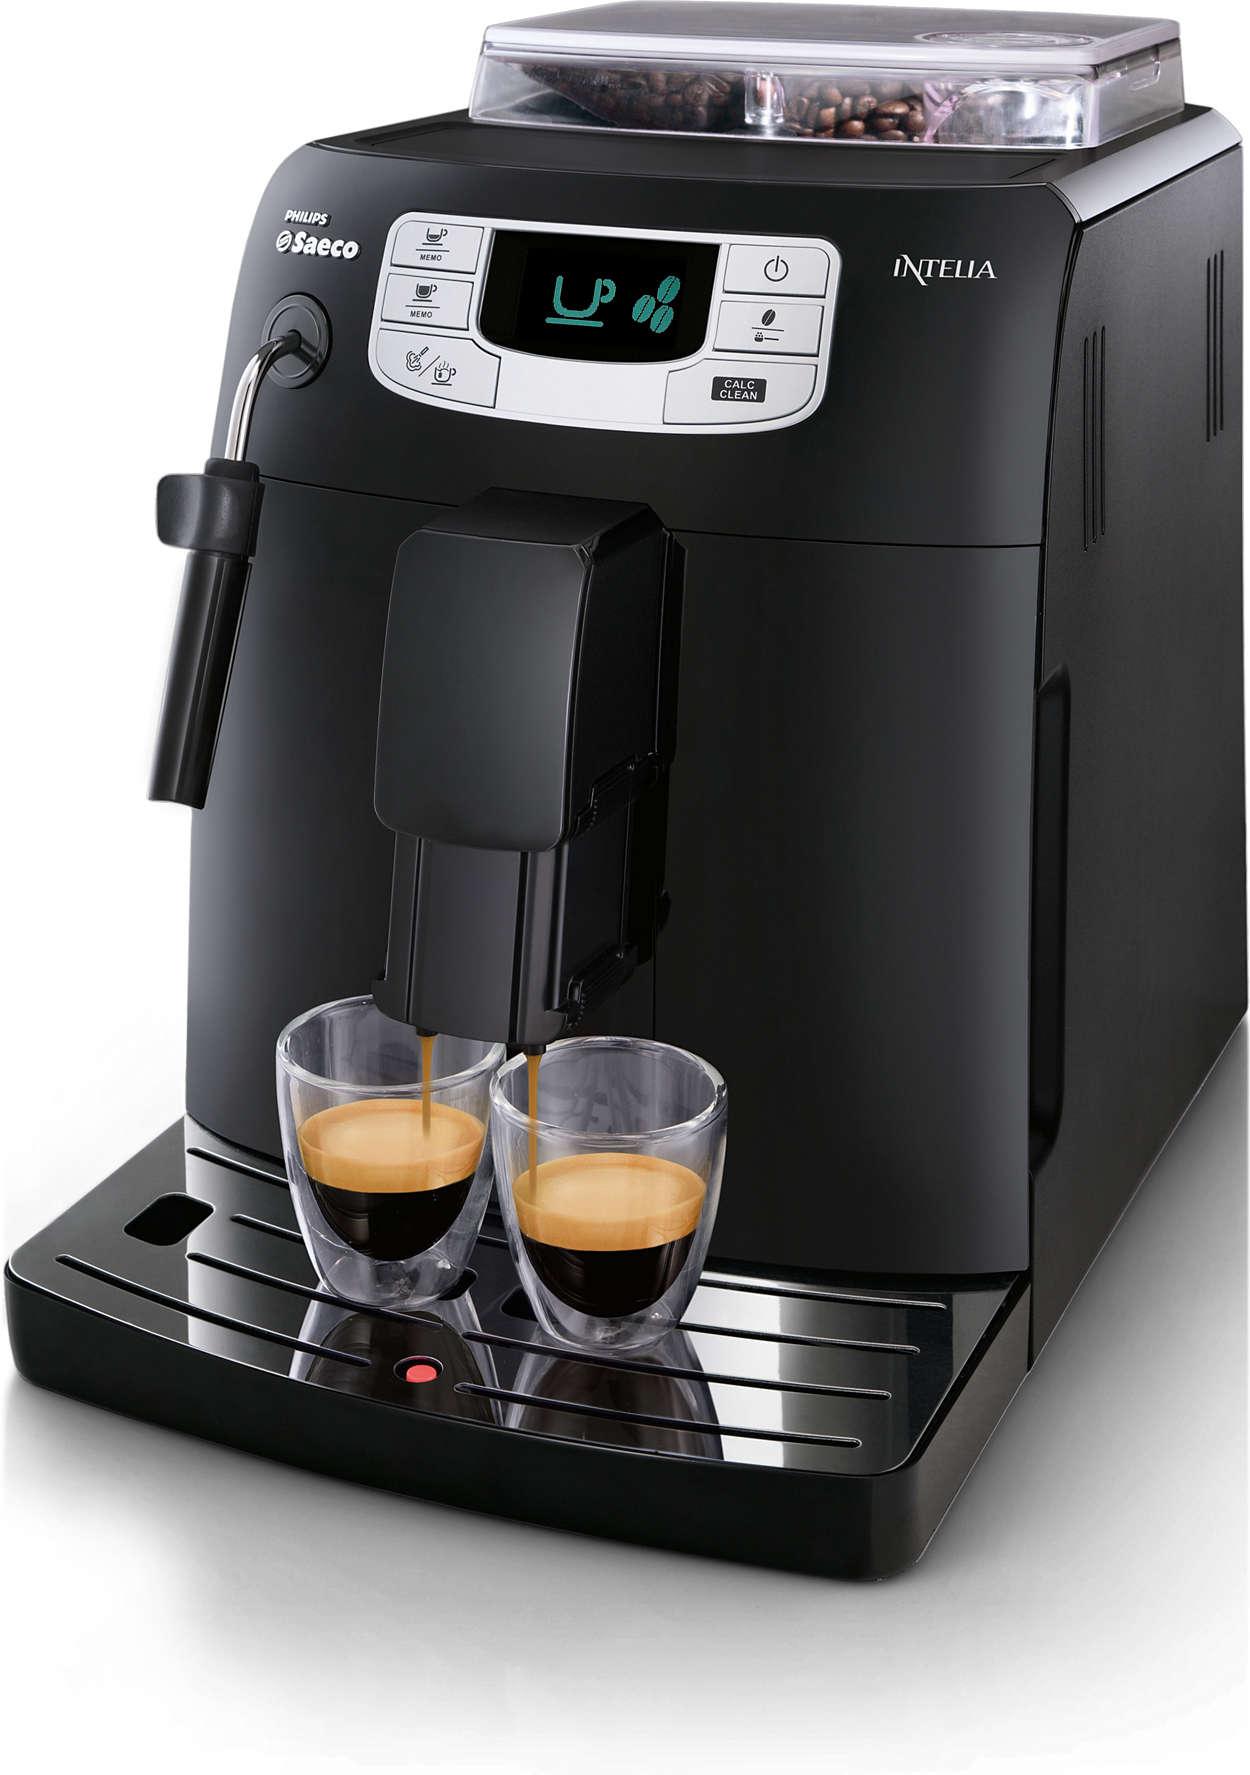 Espresso ja cappuccino yhdellä painalluksella